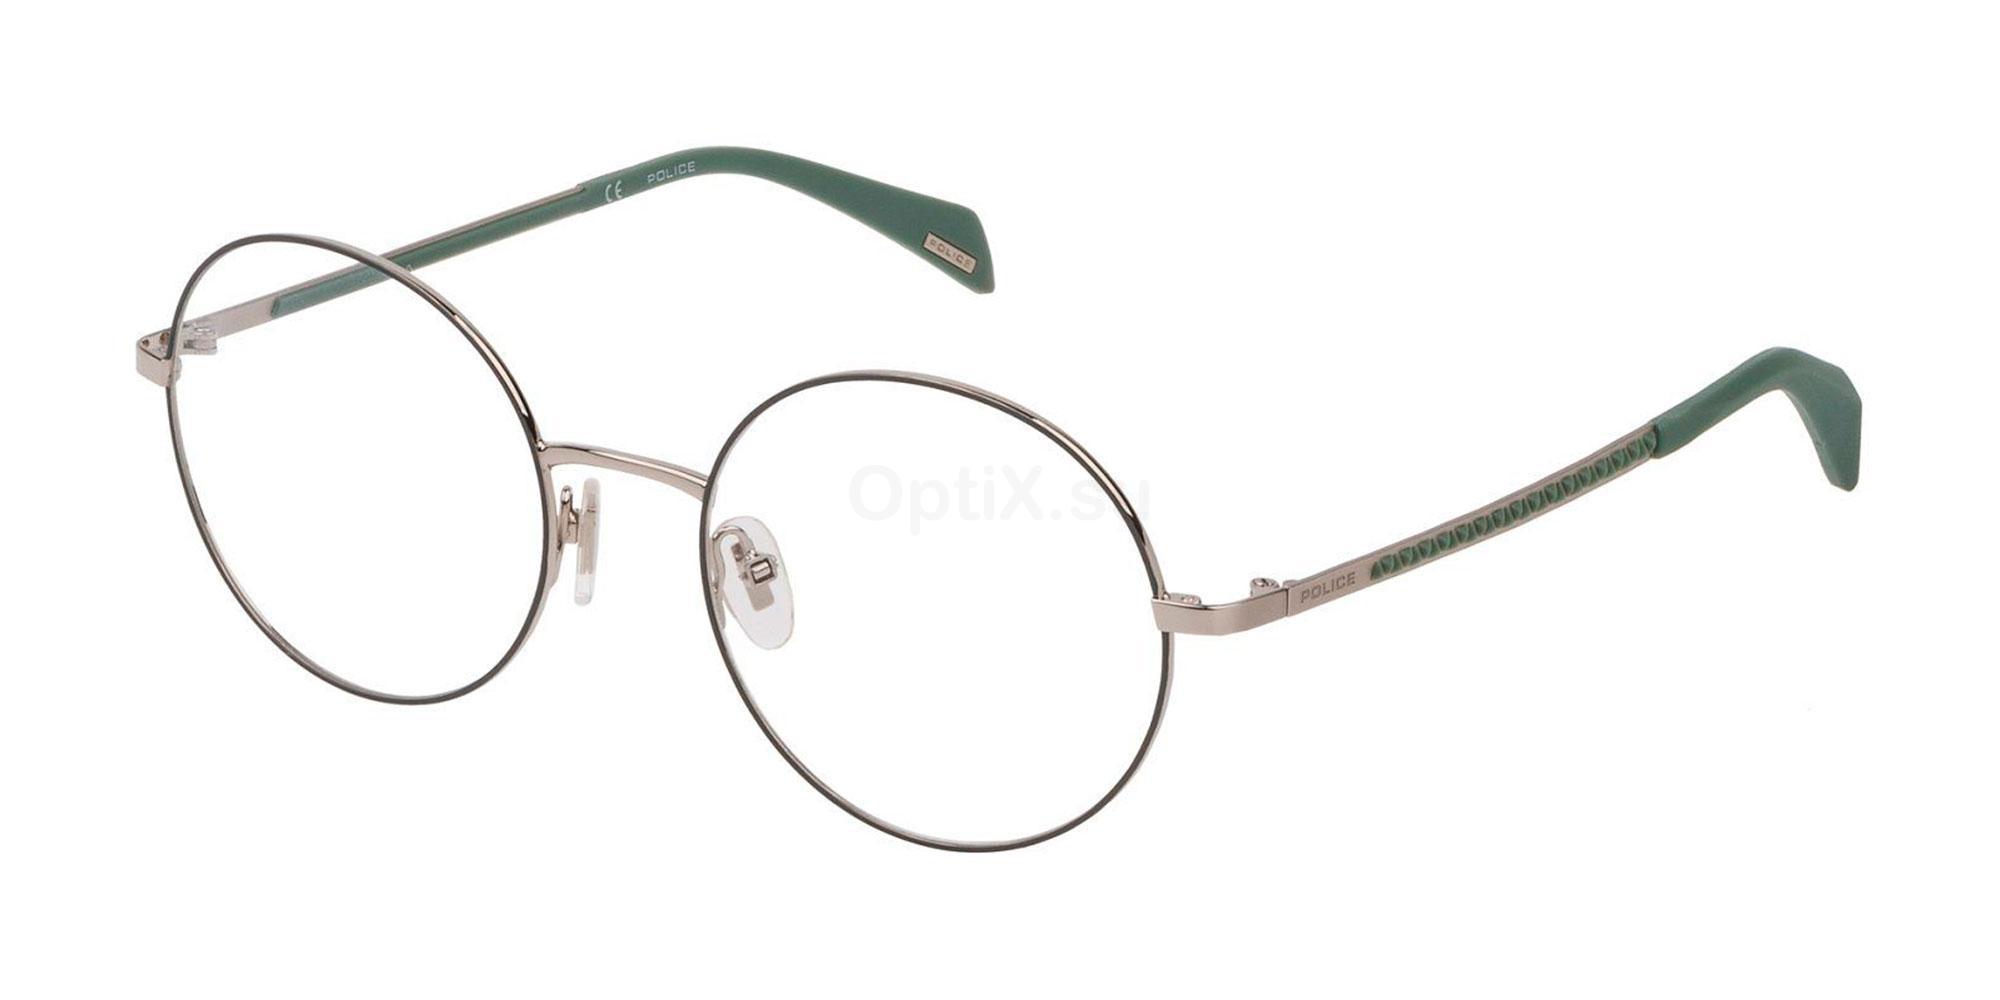 0539 VPL841 Glasses, Police